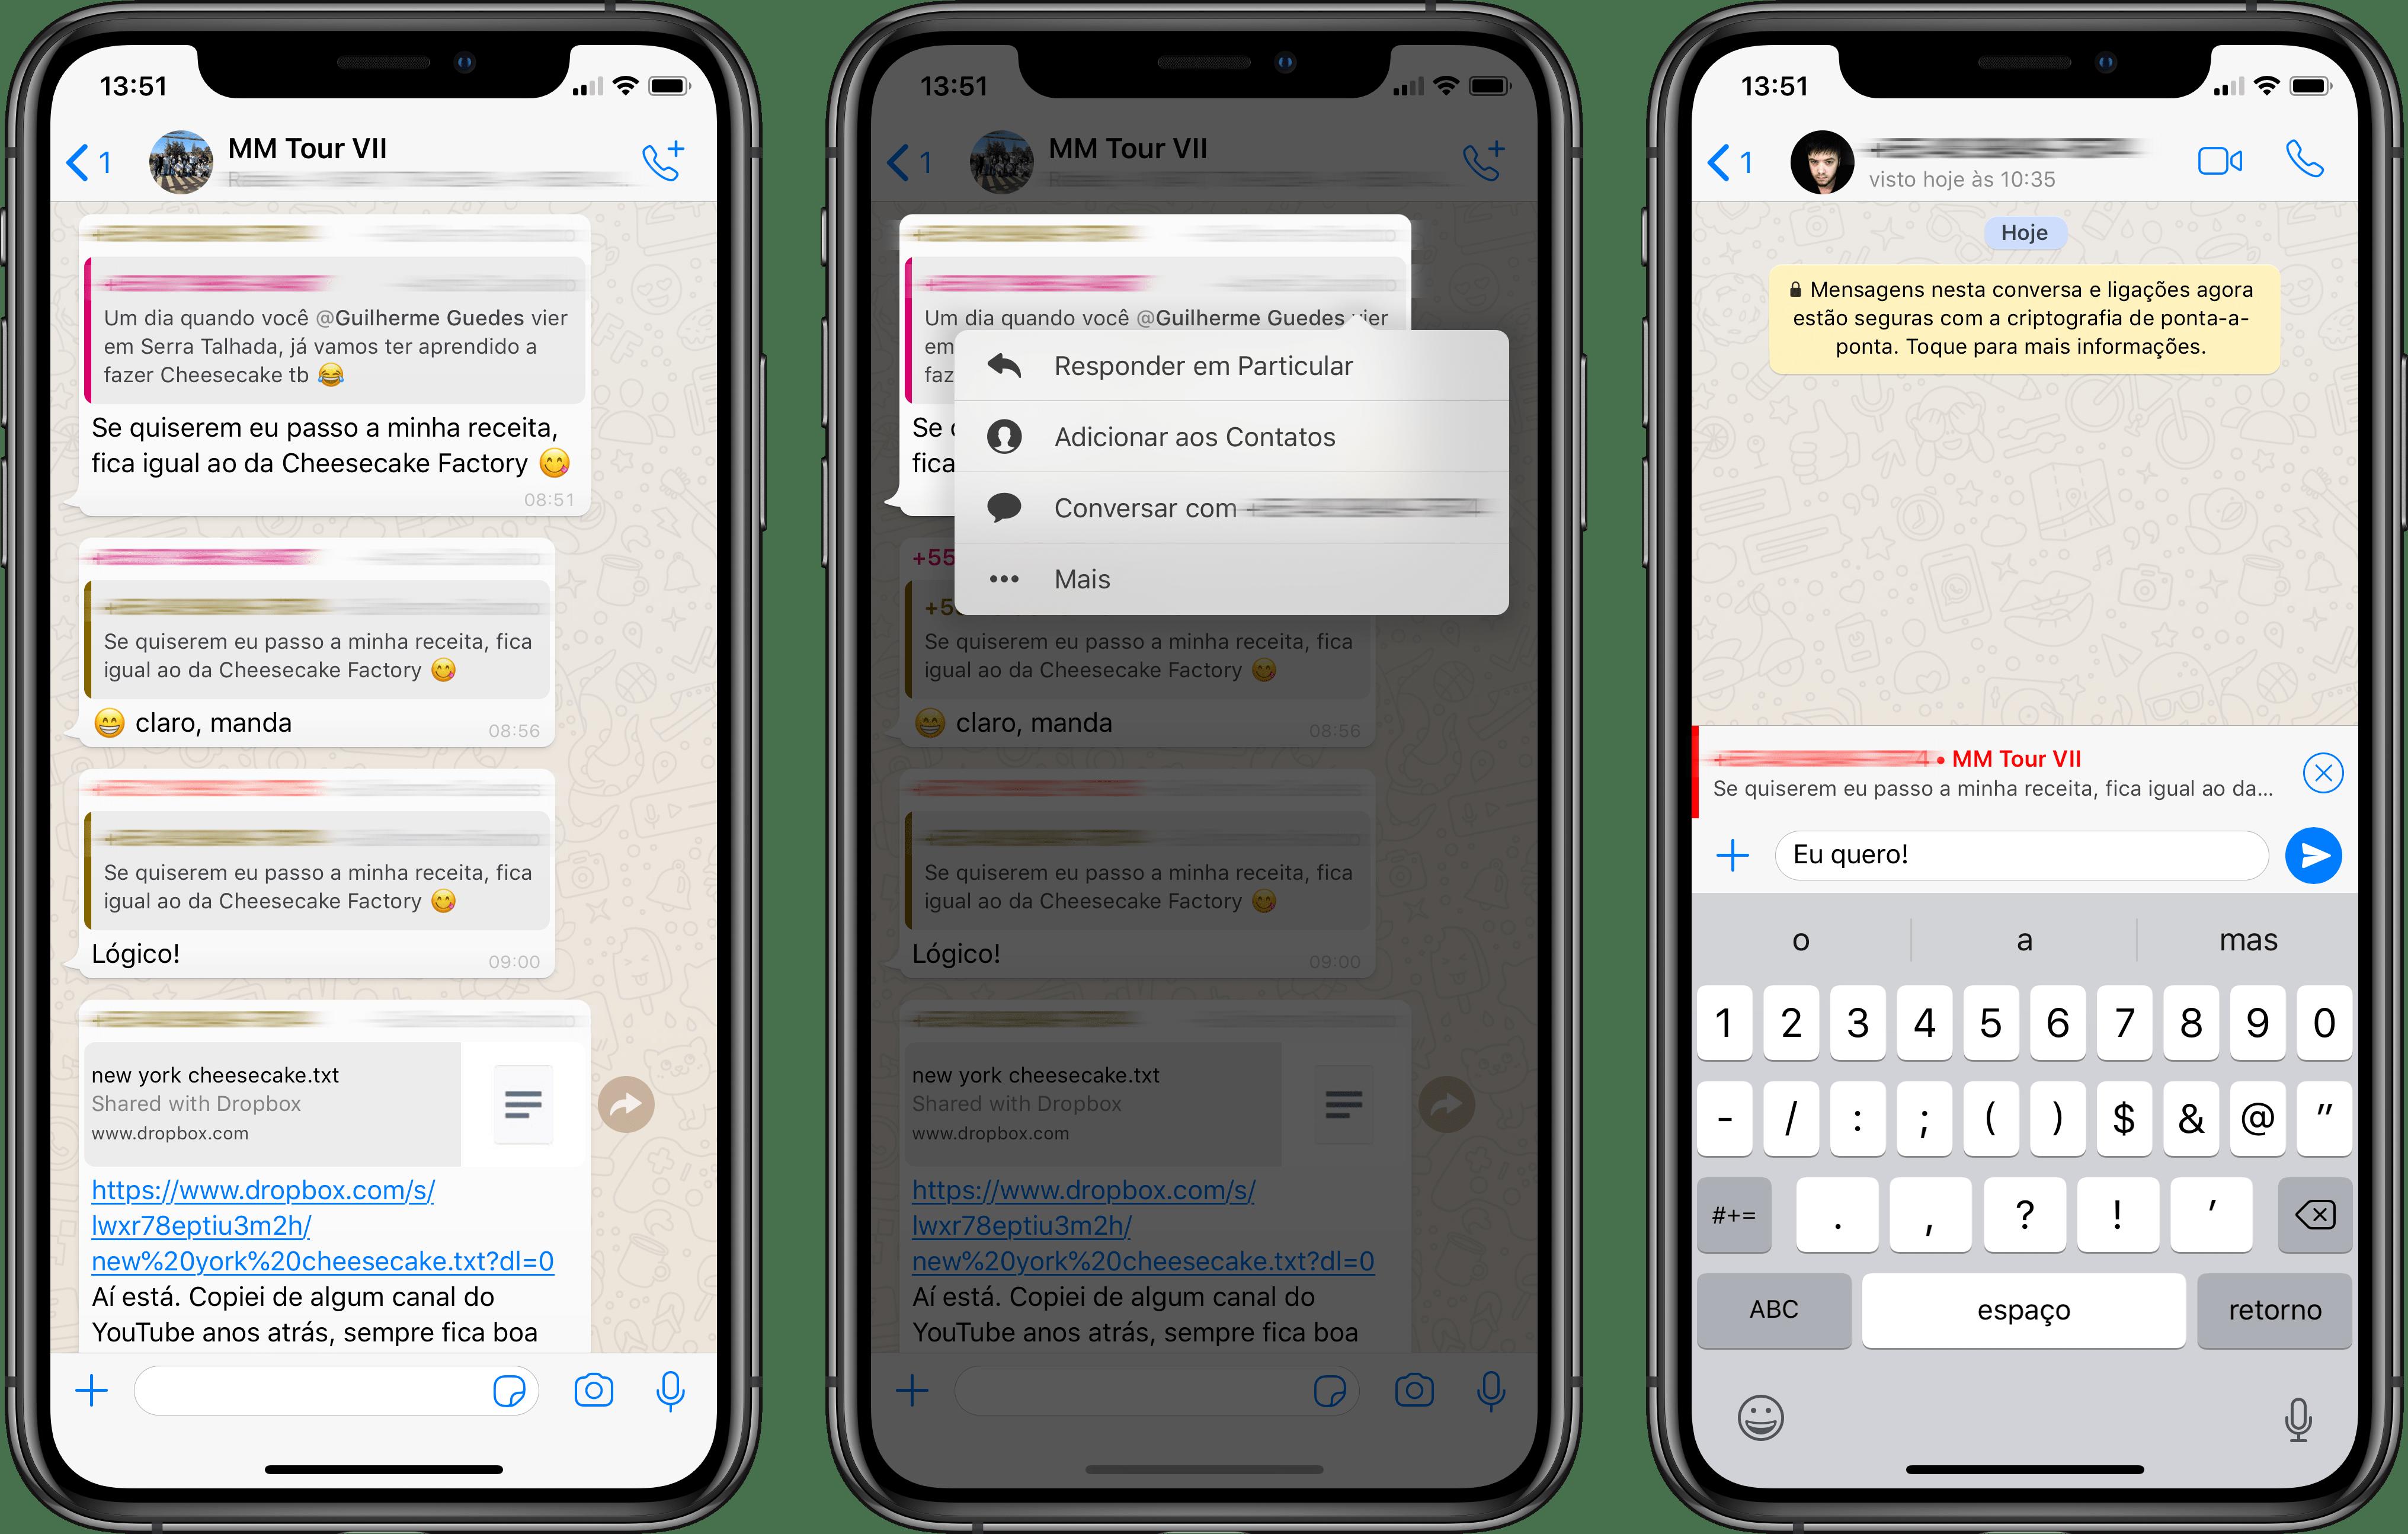 Cómo responder en particular en una conversación de grupo de WhatsApp